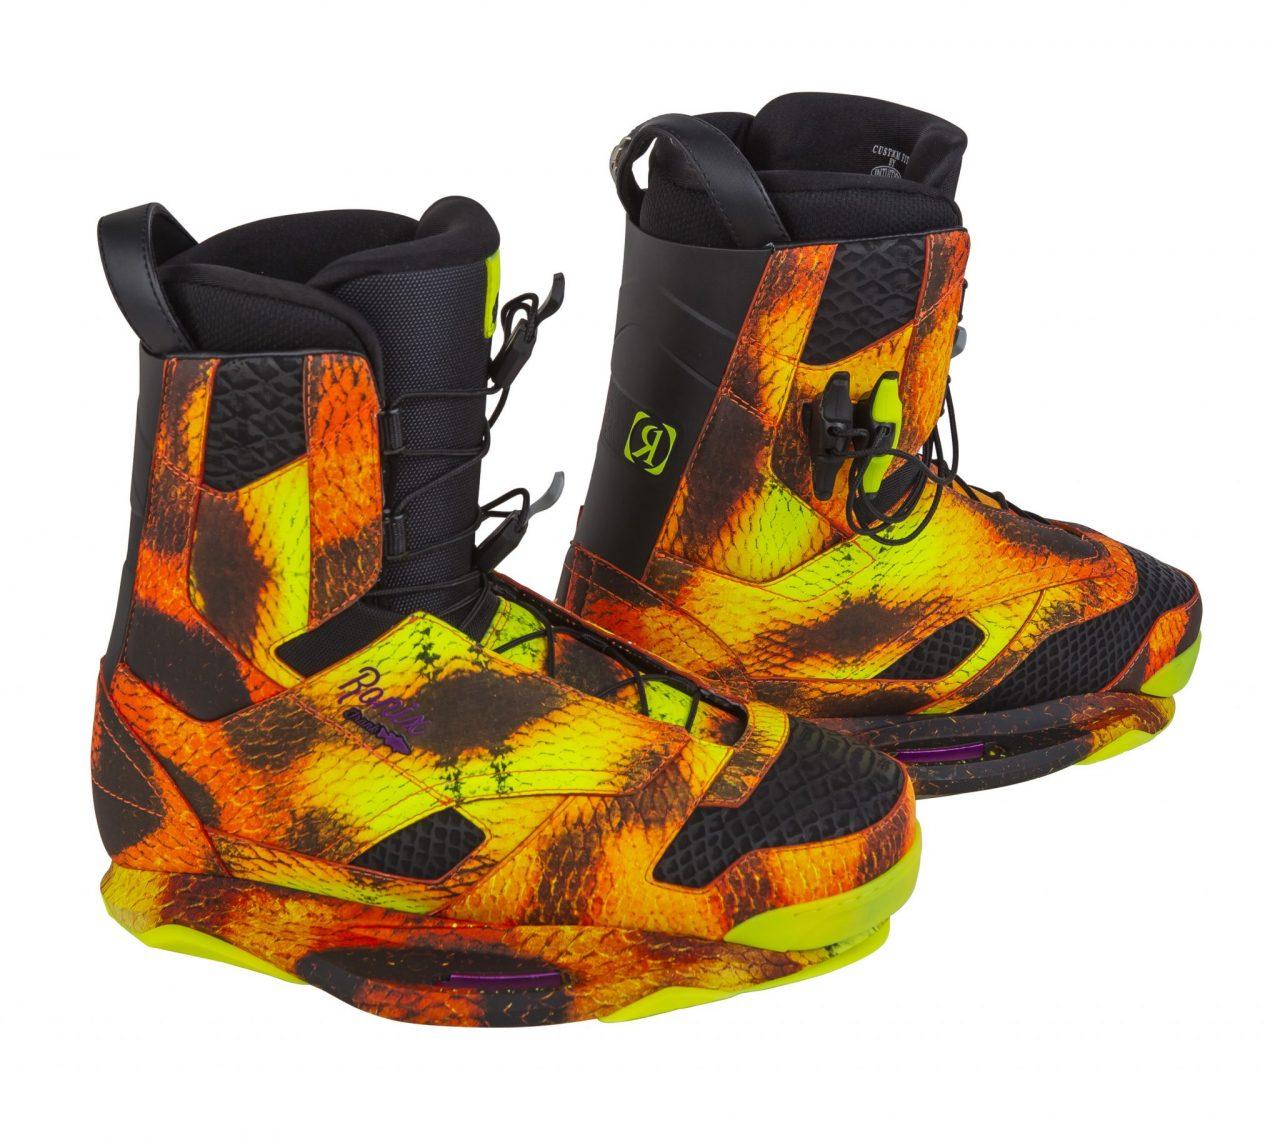 Twee modellen van Ronix Frank boots in 2015 collectie